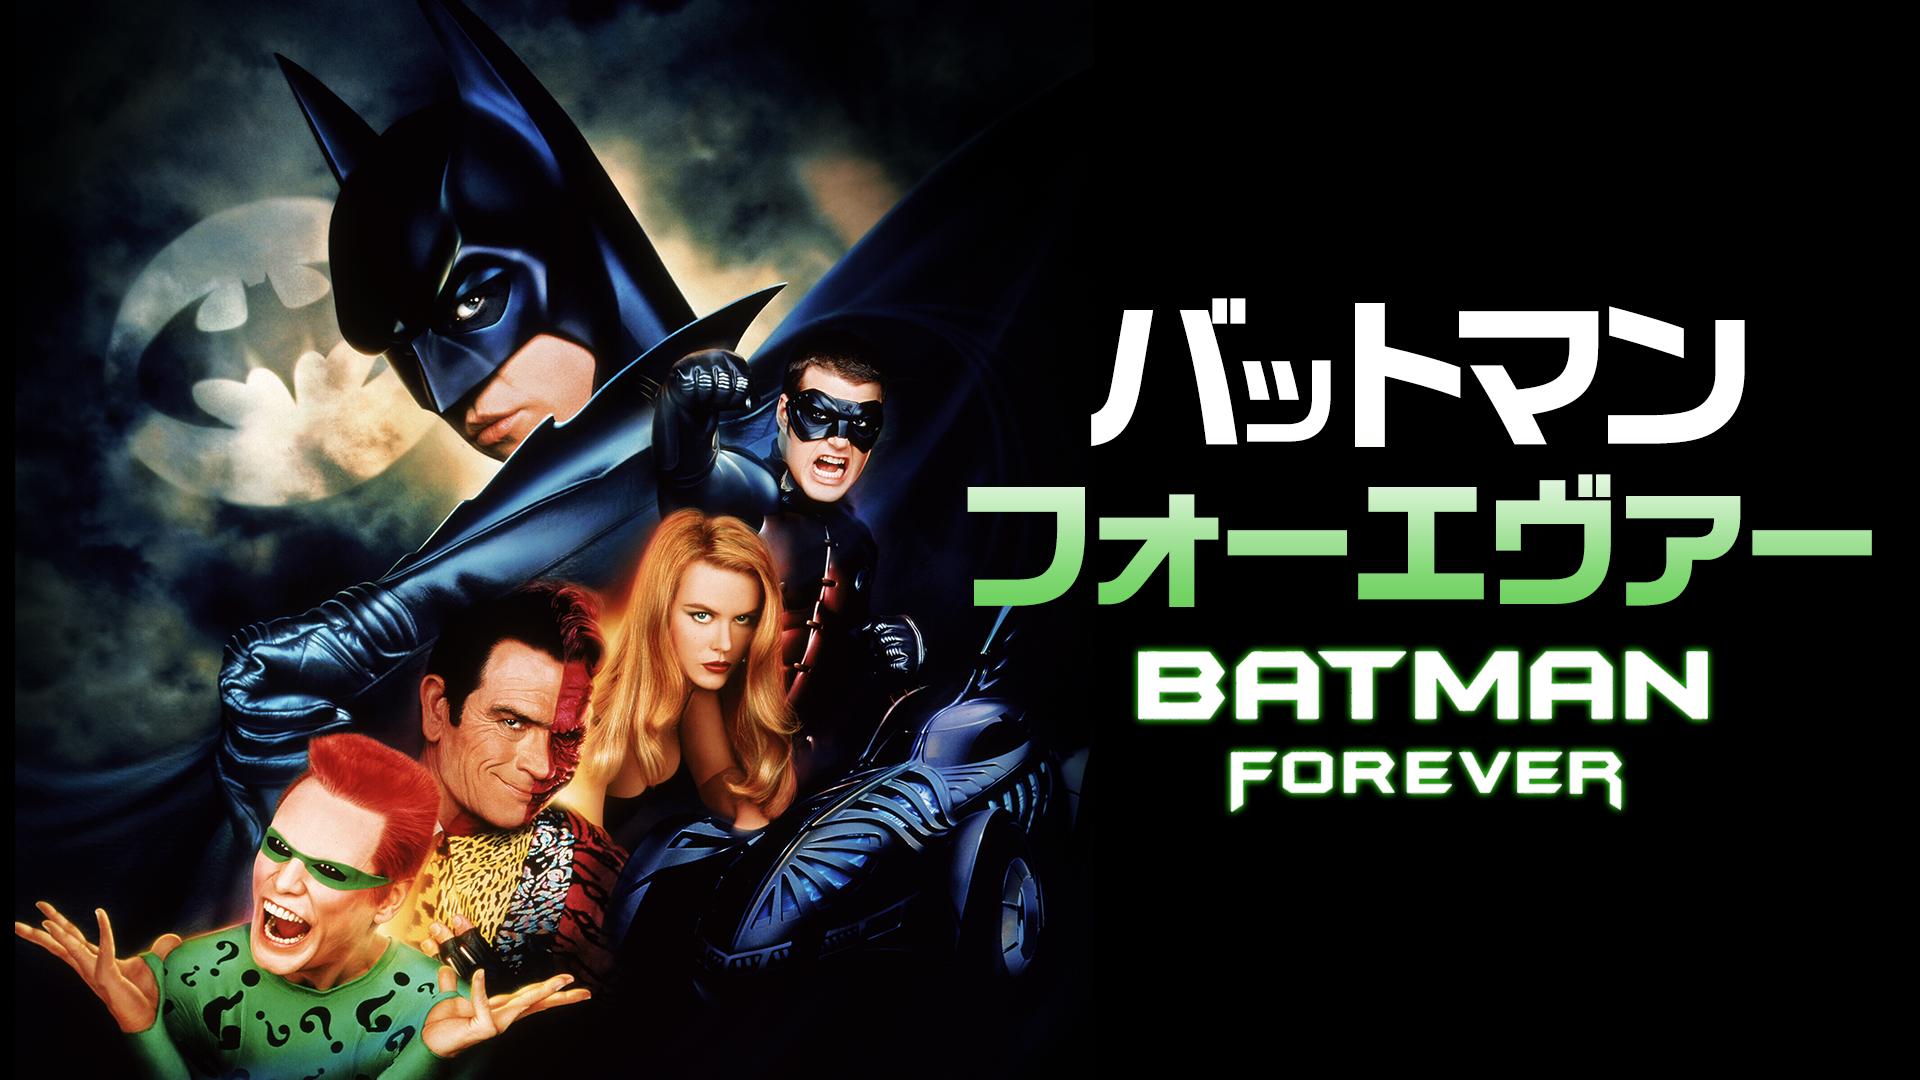 バットマン フォーエヴァーの動画 - バットマン&ロビン Mr.フリーズの逆襲!